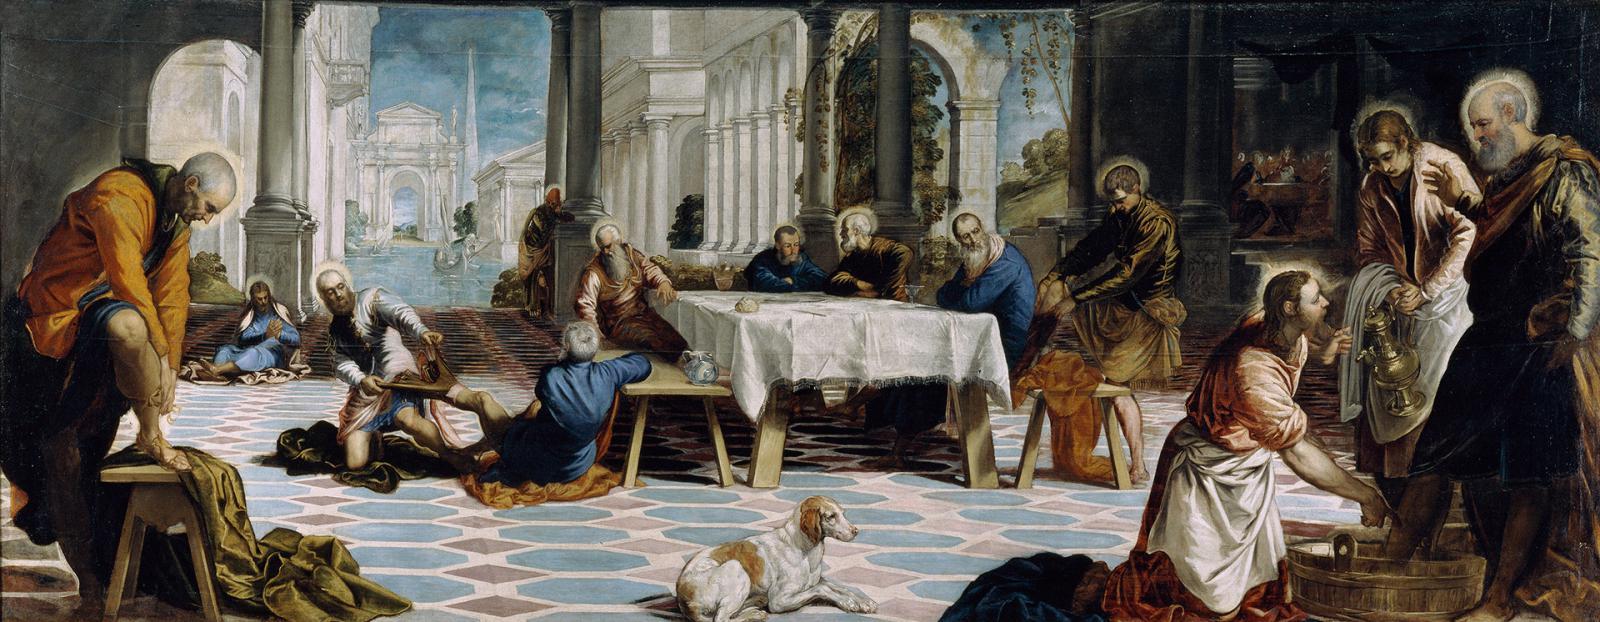 Арт-биеннале в Венеции: Тинторетто, Крымов, Нахова и другие